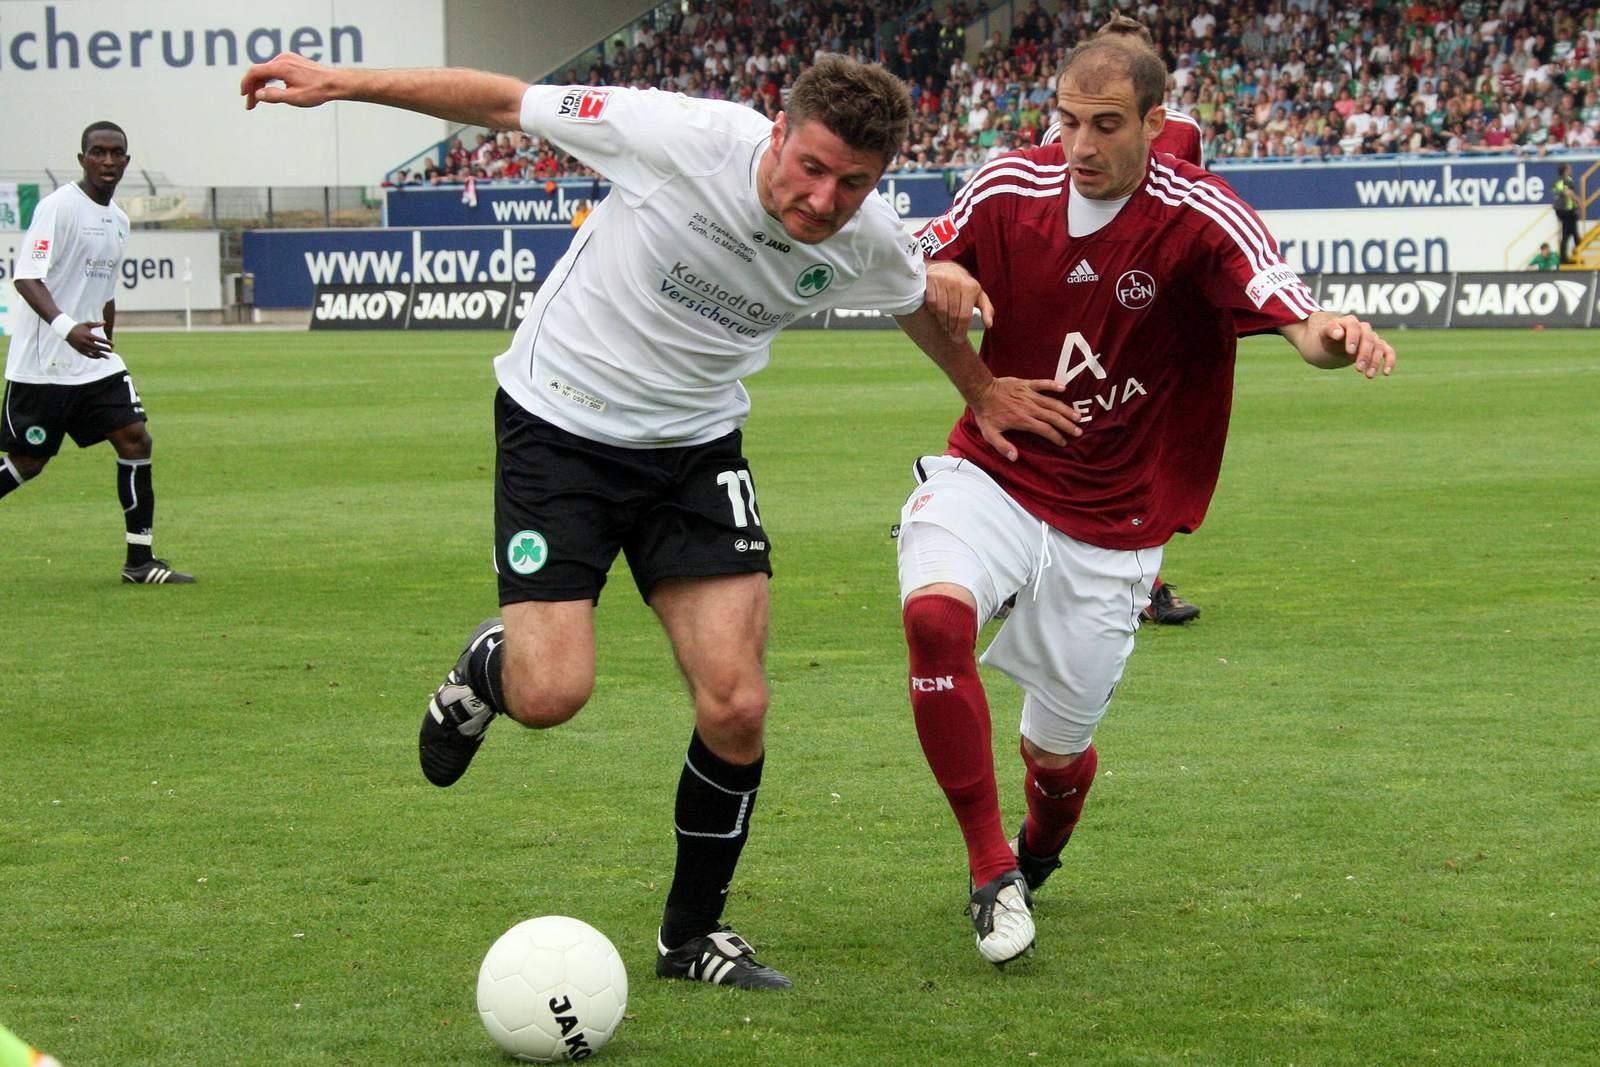 Stefan Reisinger von Greuther Fürth (l.) gegen Nürnbergs Javier Pinola.